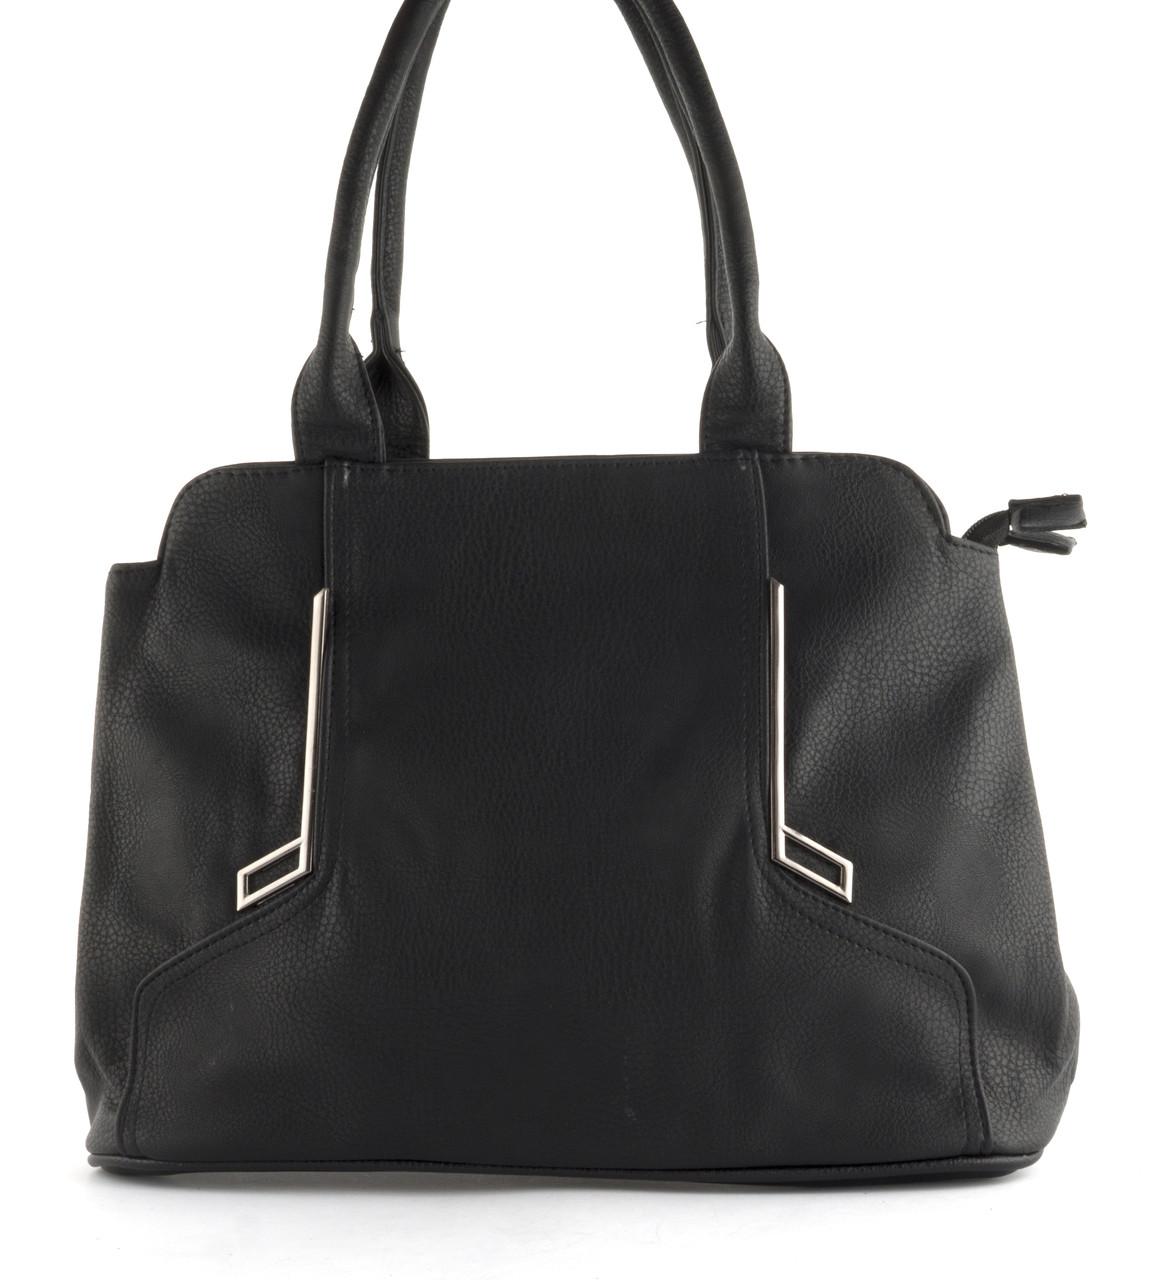 Недорогая качественная вместительная женская сумка P&W art. 17866 черная